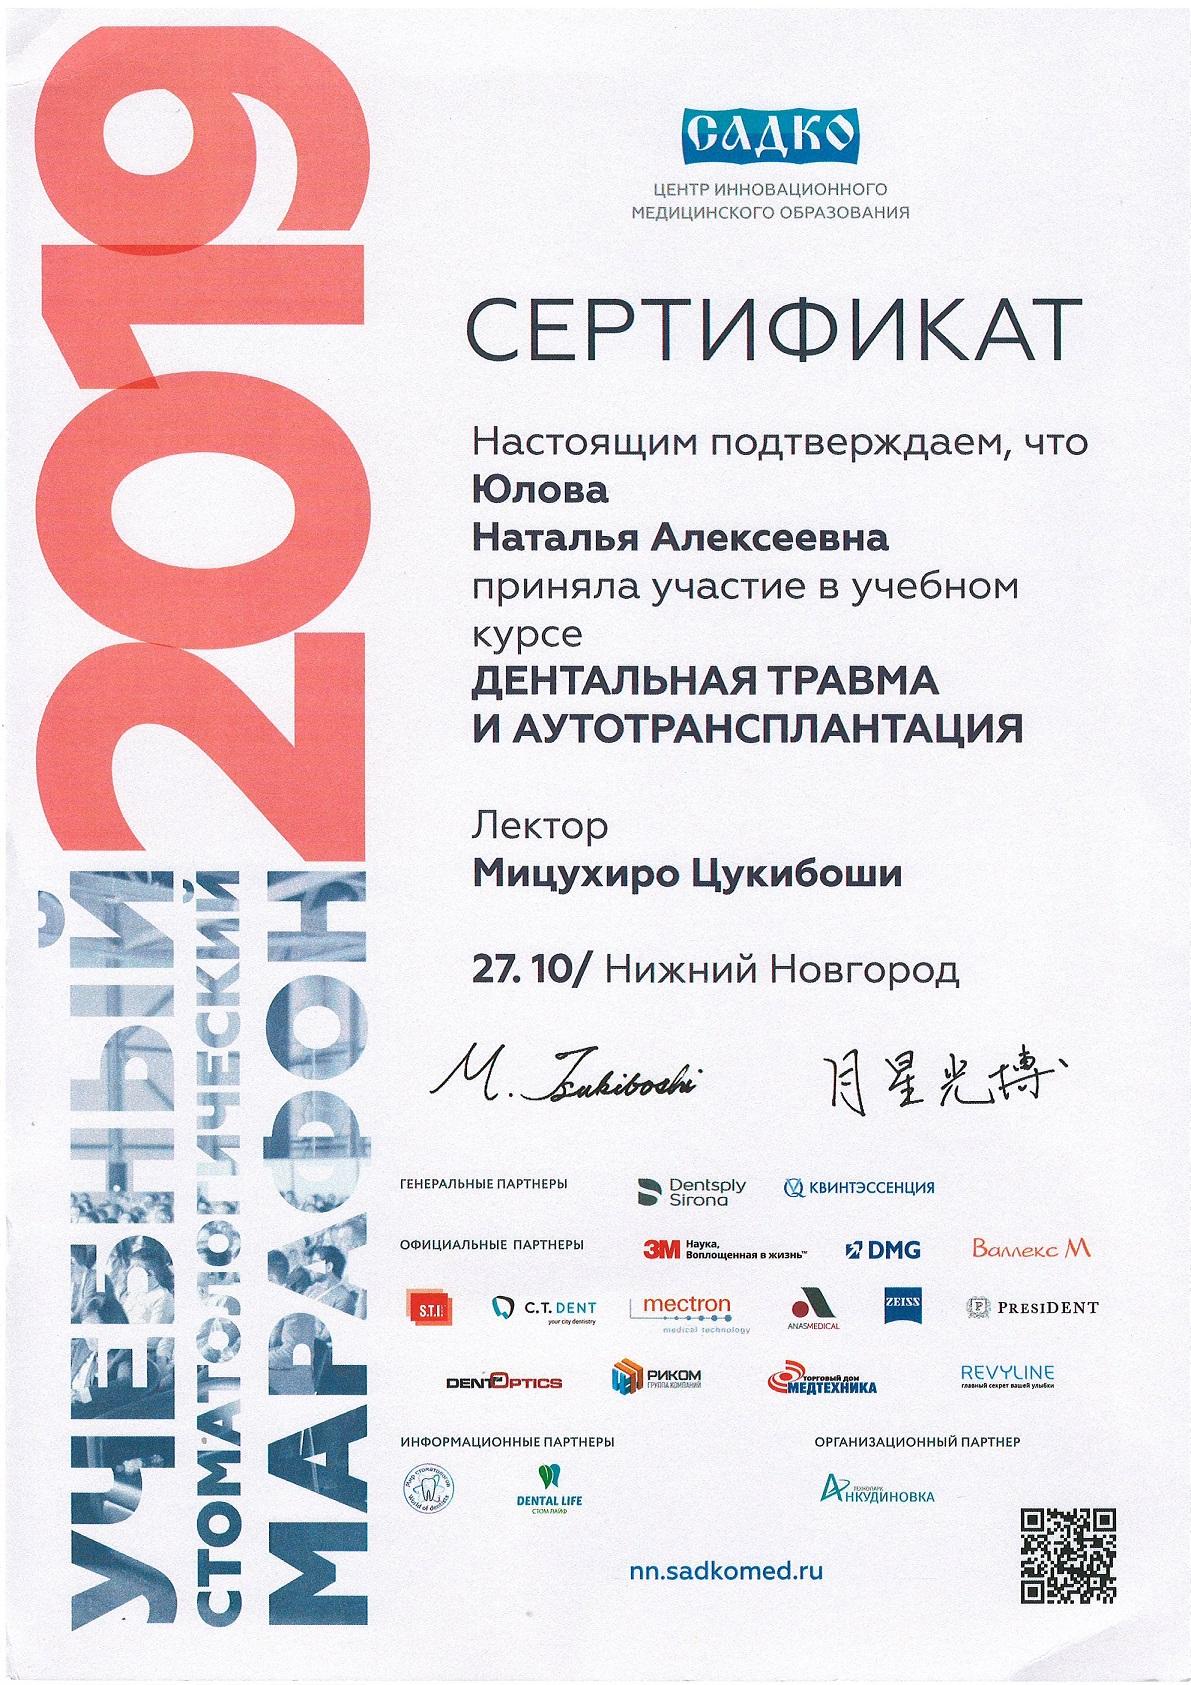 сертификат стоматолога Юловой октябрь